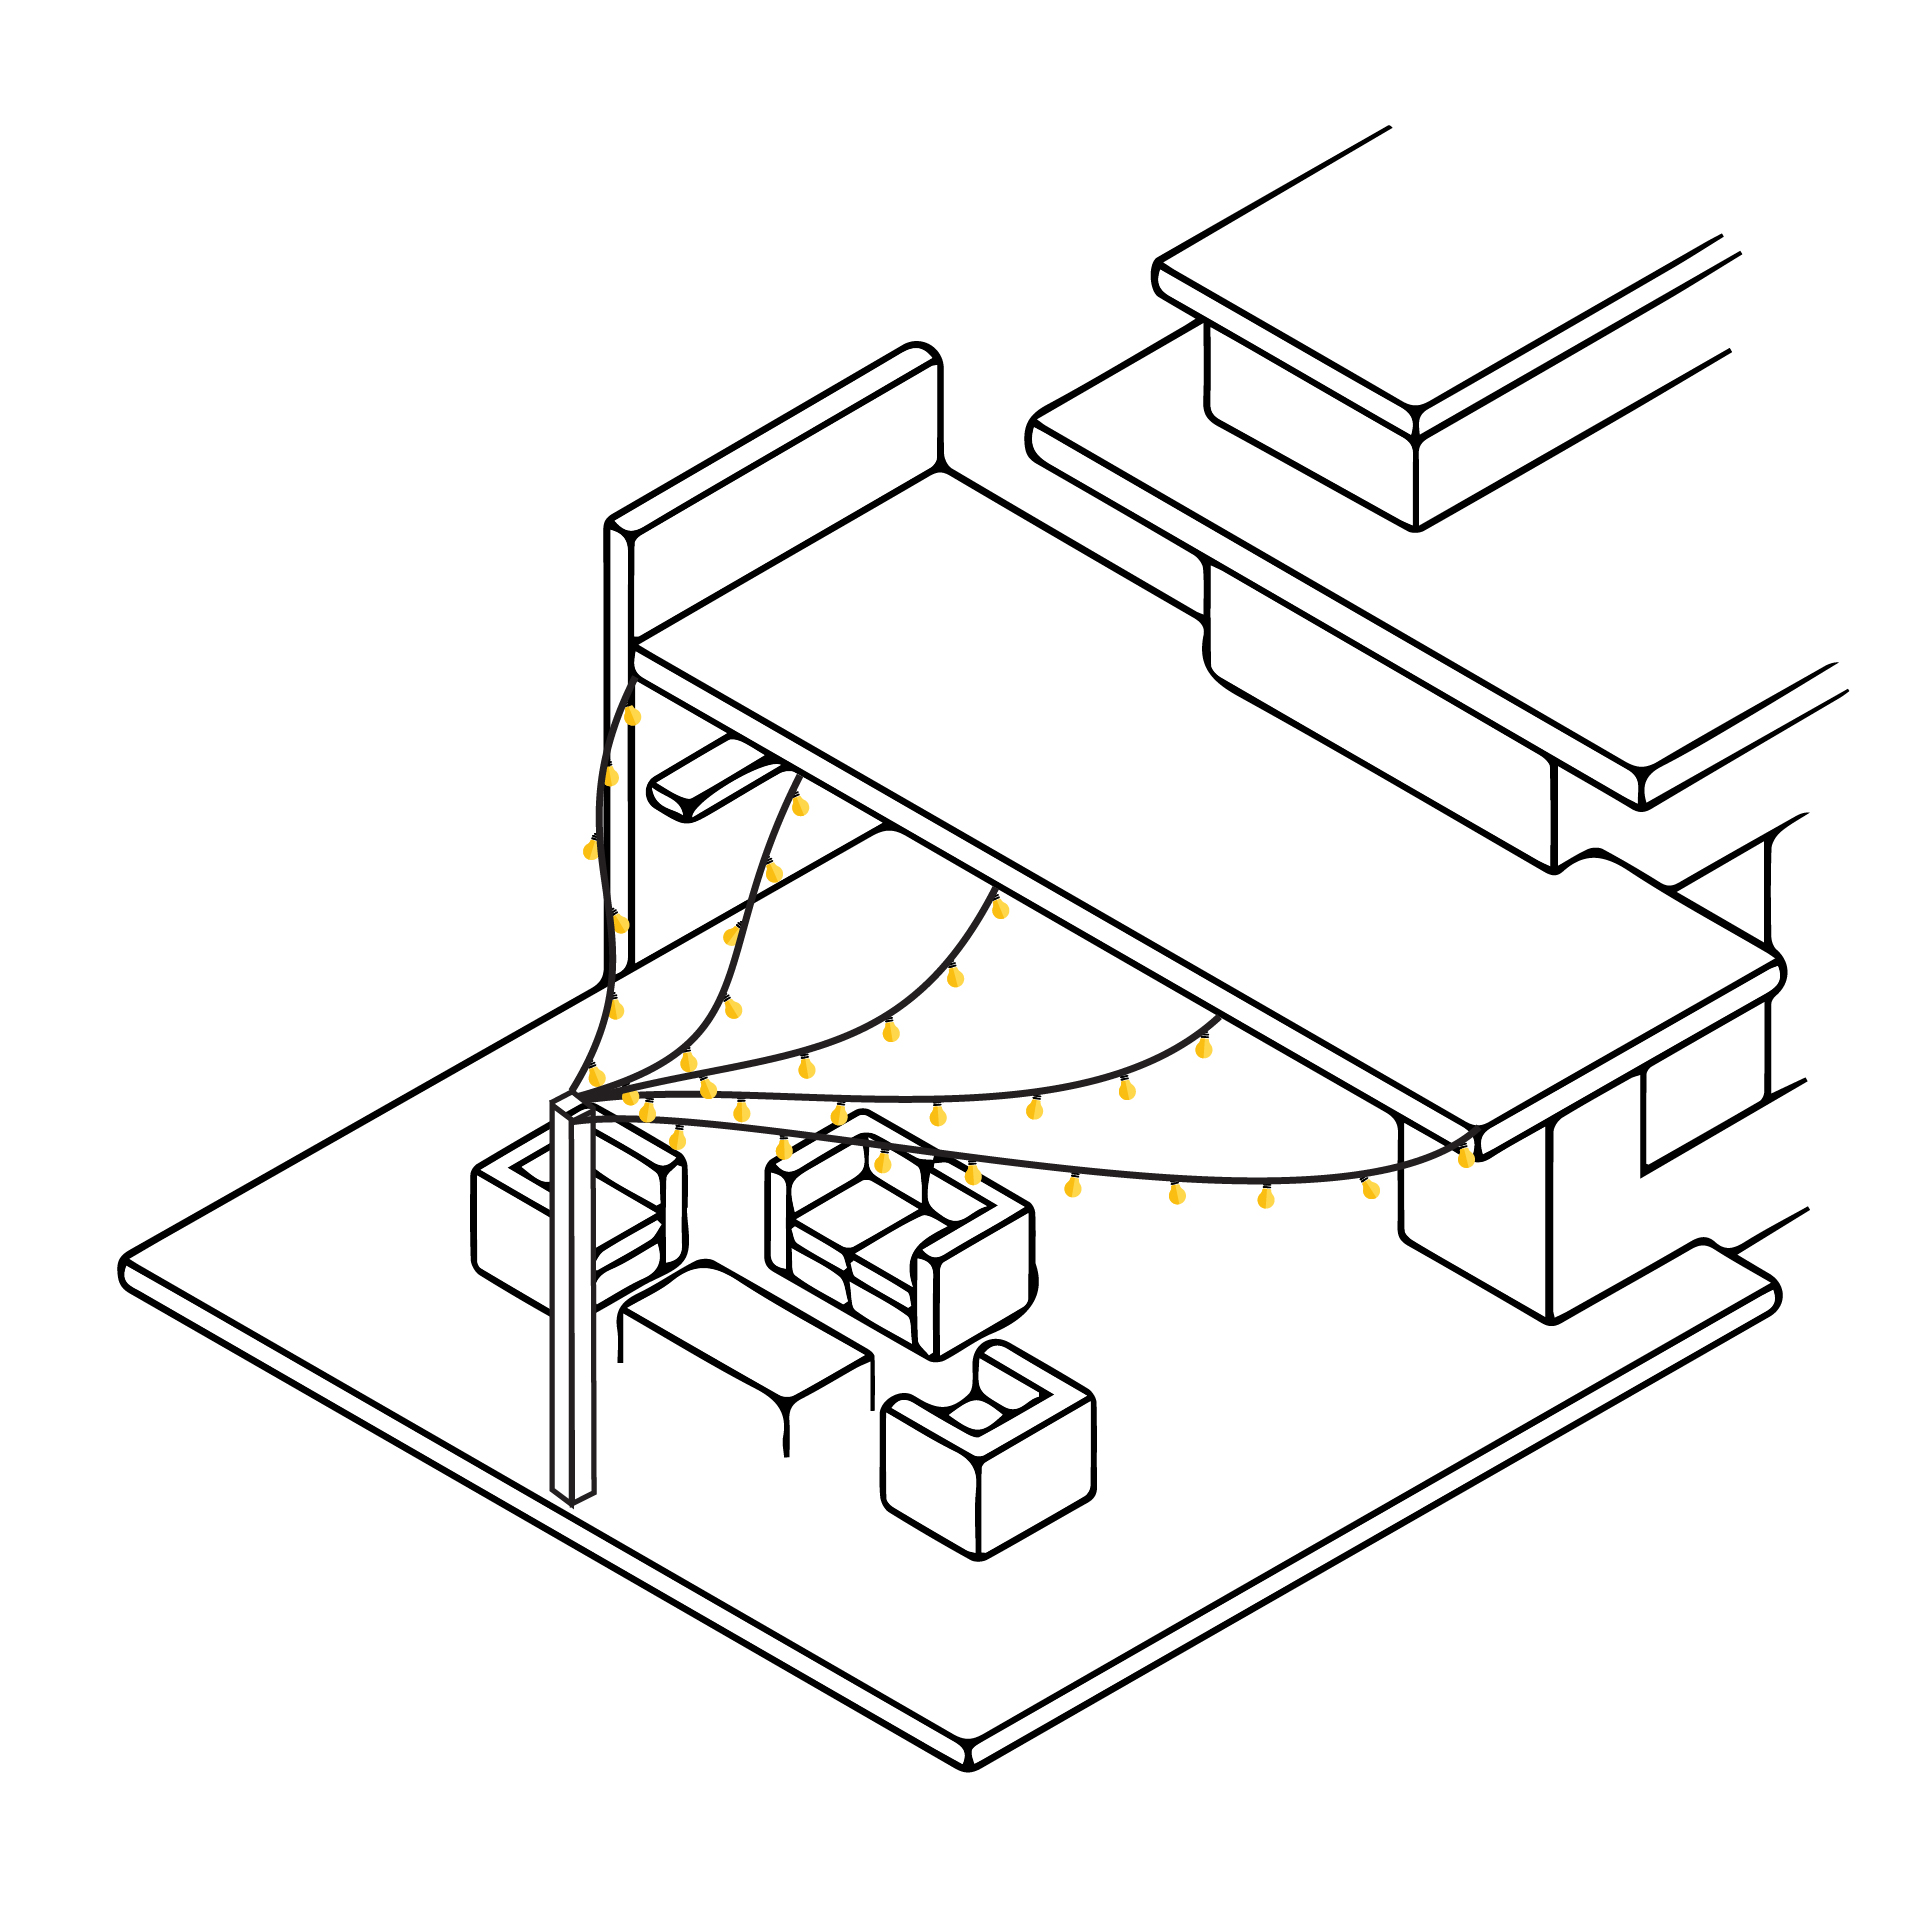 sposób zamontowania girlandy